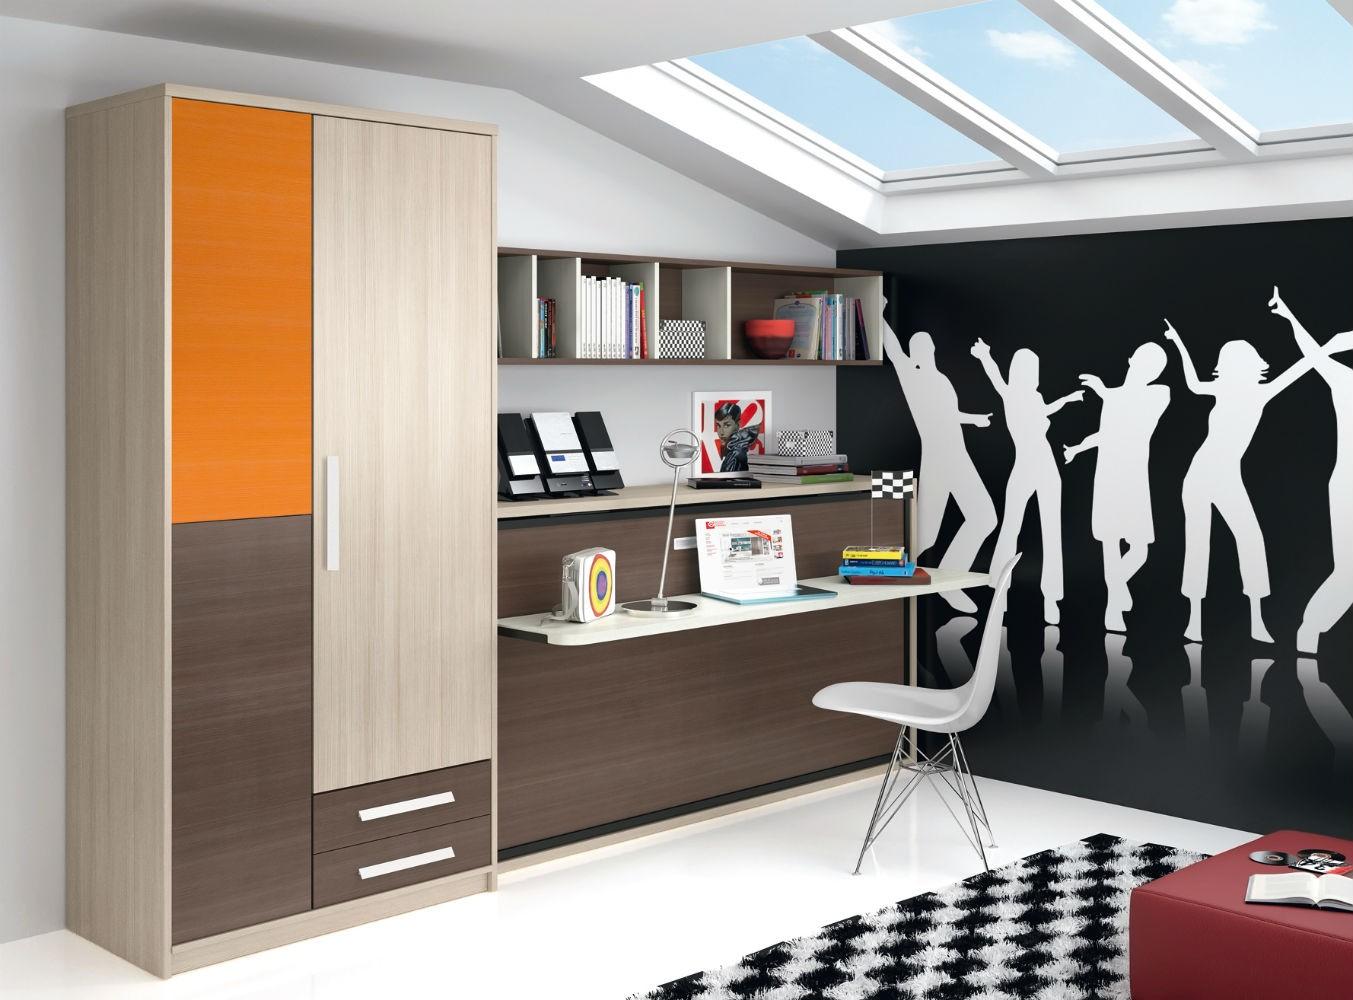 Dormitorio infantil juvenil moderno literas abatibles 69 f215 - Habitaciones juveniles con cama abatible ...